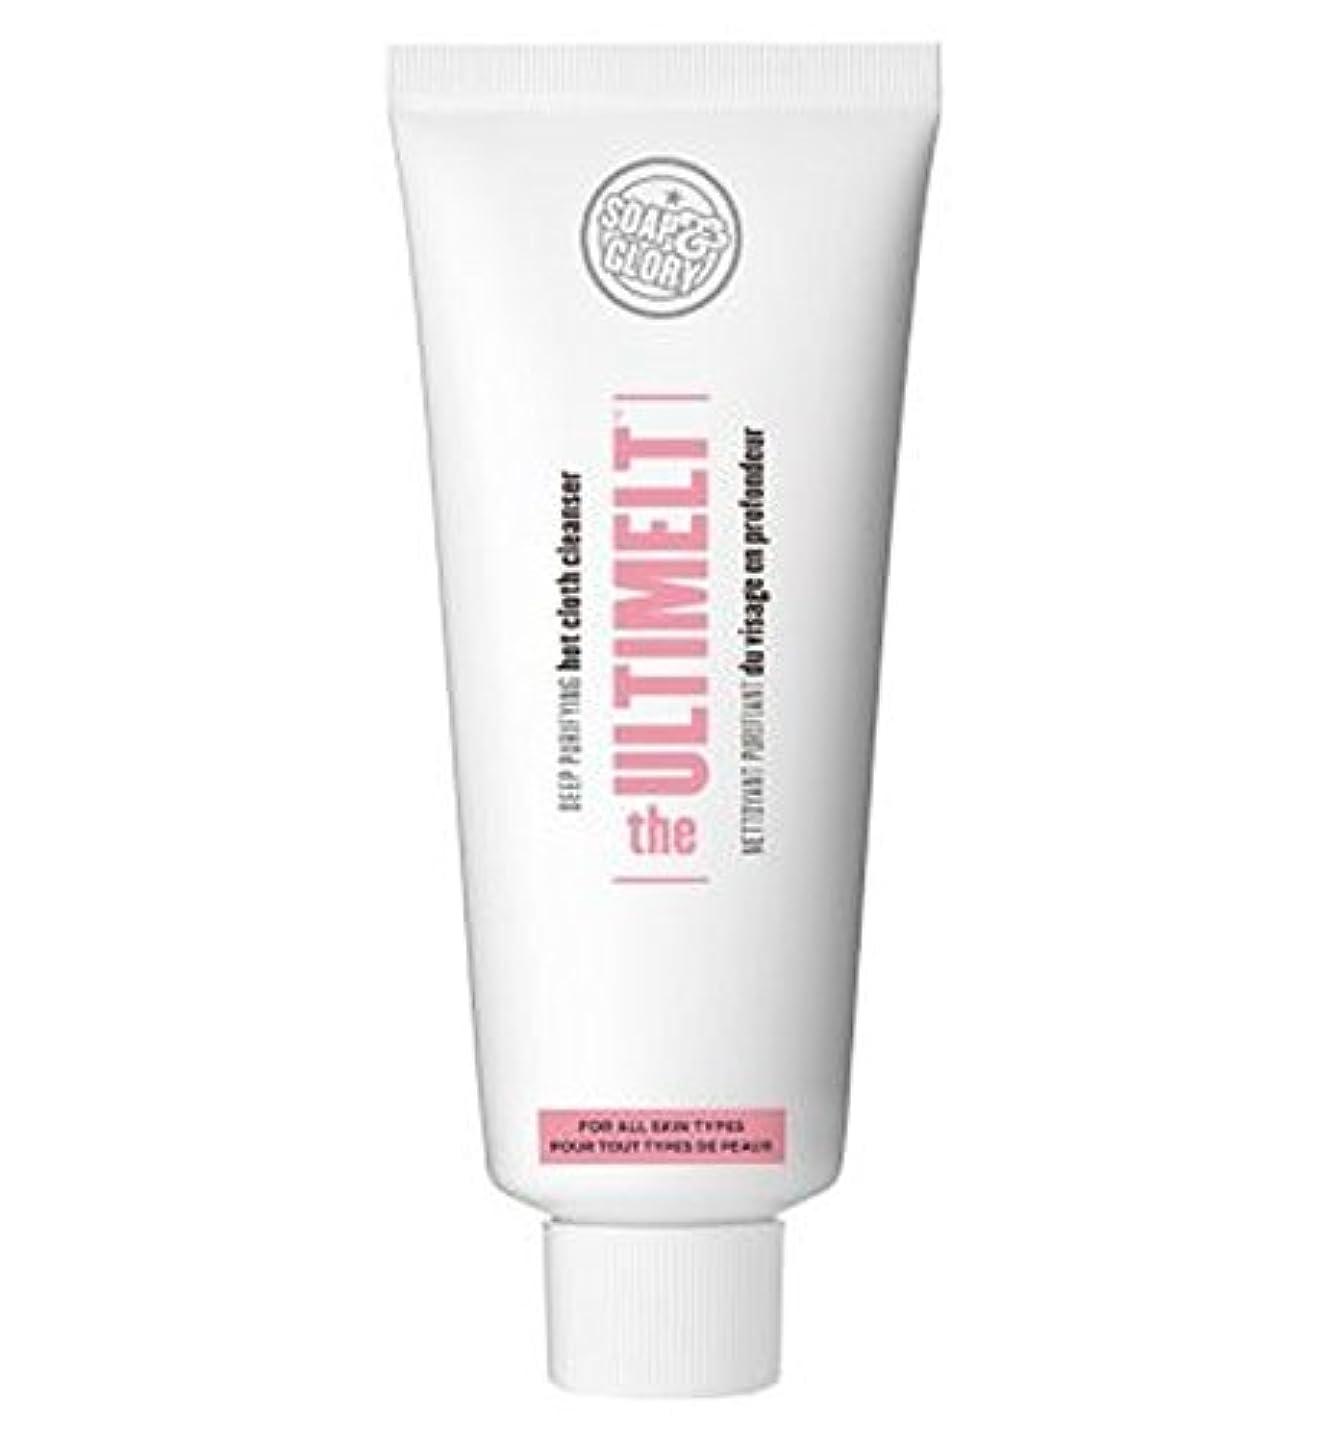 ピジンアパートセメントUltimelt?深い浄化ホット布クレンザー?石鹸&栄光 (Soap & Glory) (x2) - Soap & Glory? The Ultimelt? Deep Purifying Hot Cloth Cleanser...